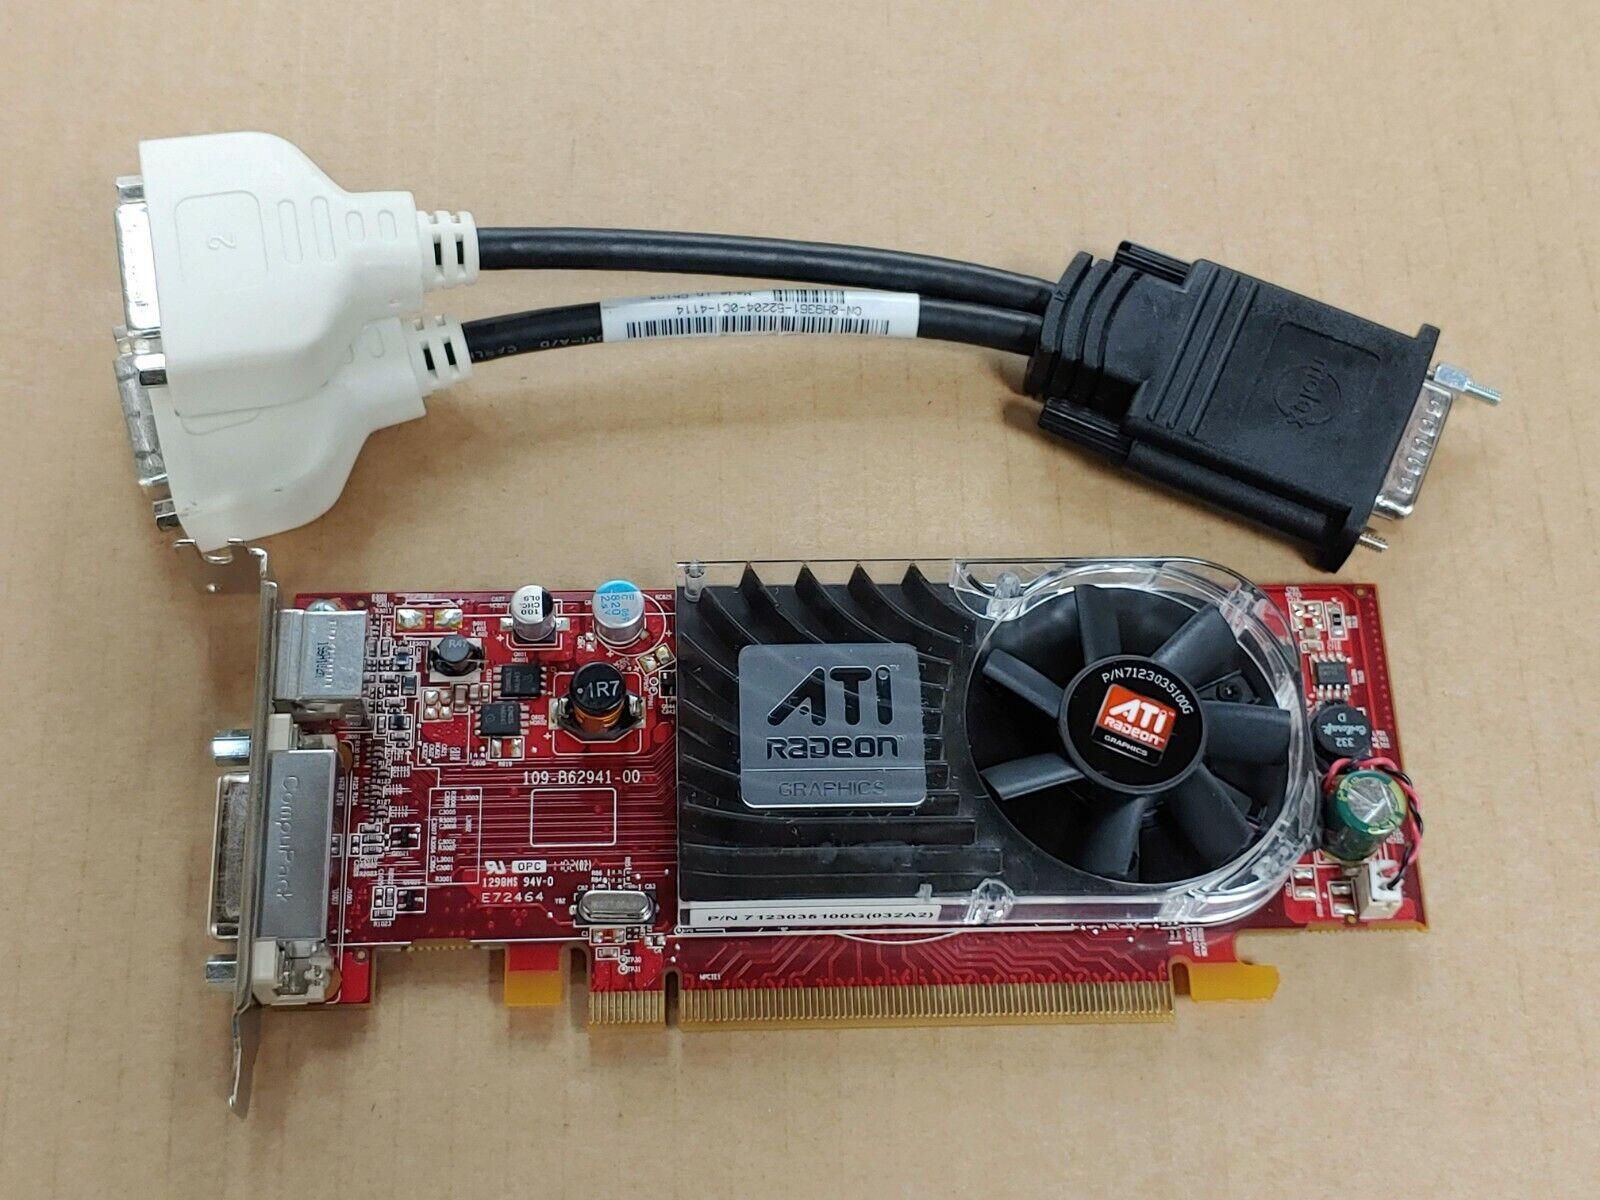 Dell 0Y103 ATI 3450 256MB PCI-E x16 LowProfile Video DMS59+DVI Splitter H9361